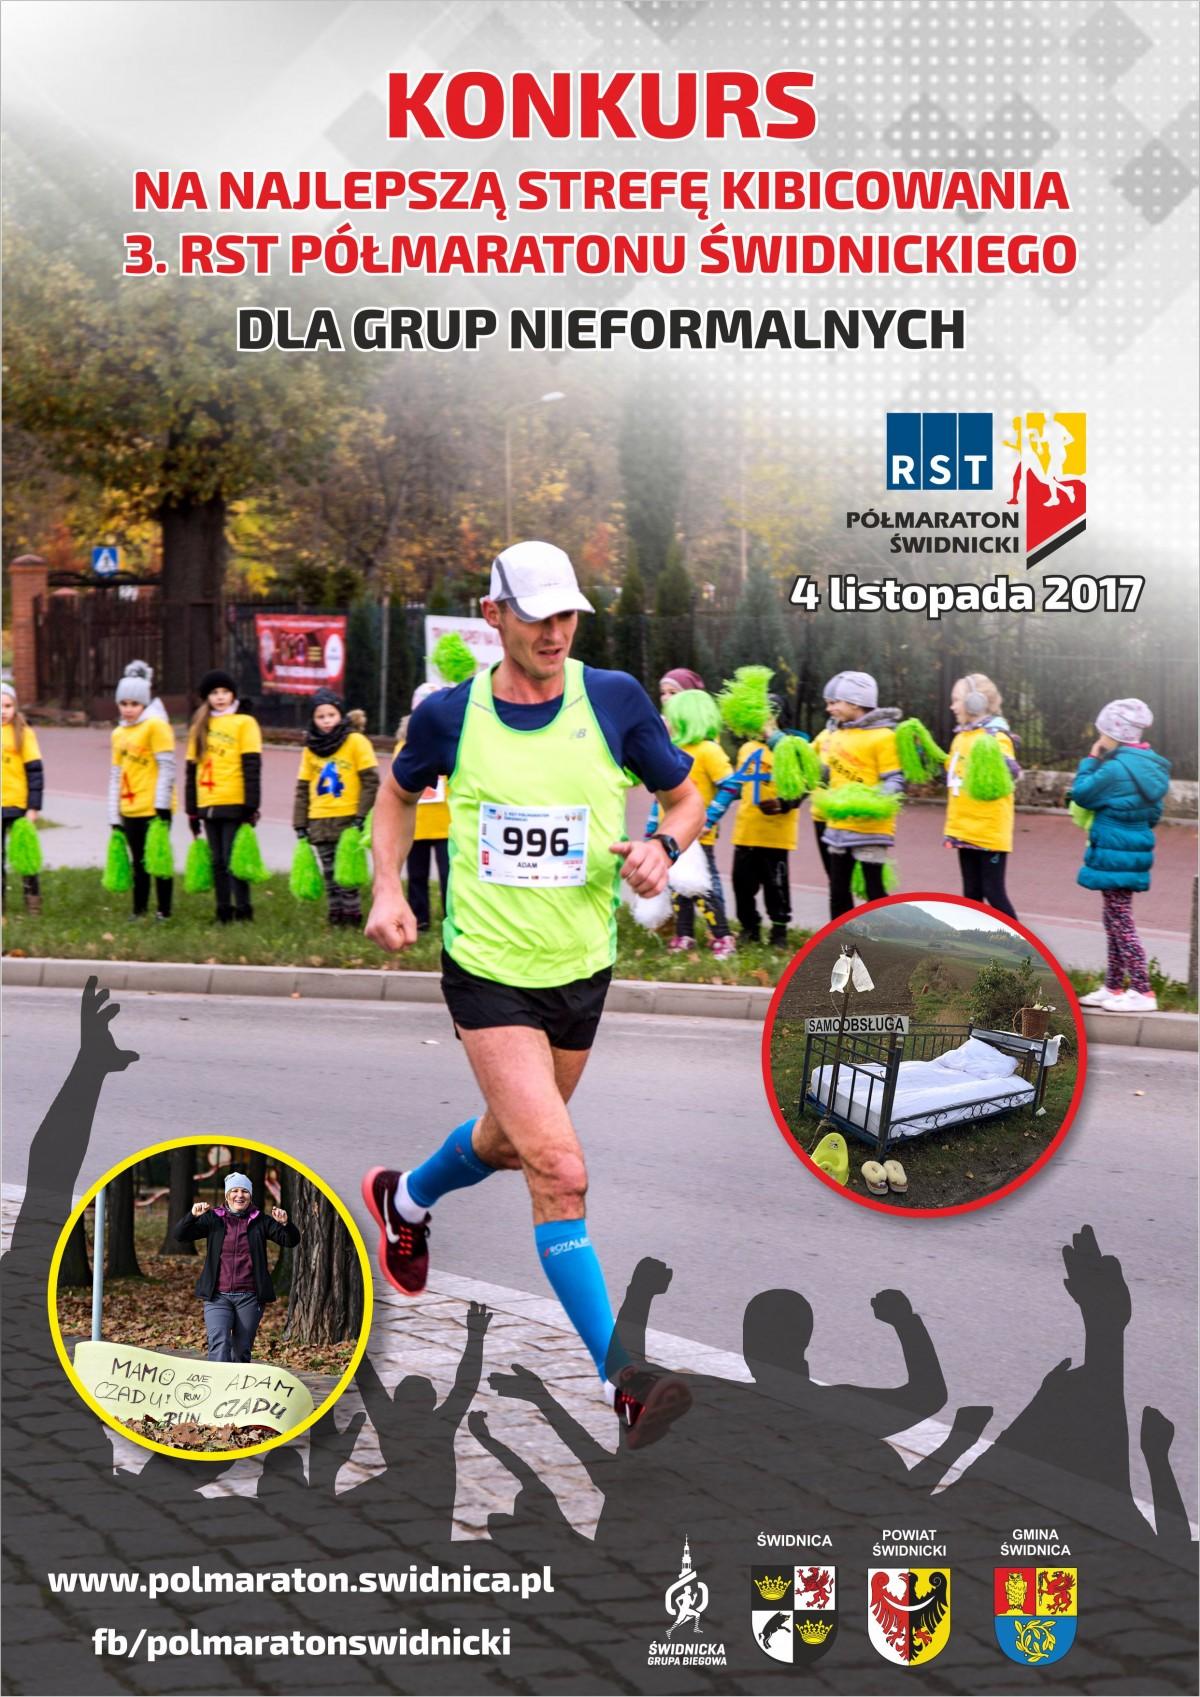 plakat kibicowanie 3 RST Półmaraton